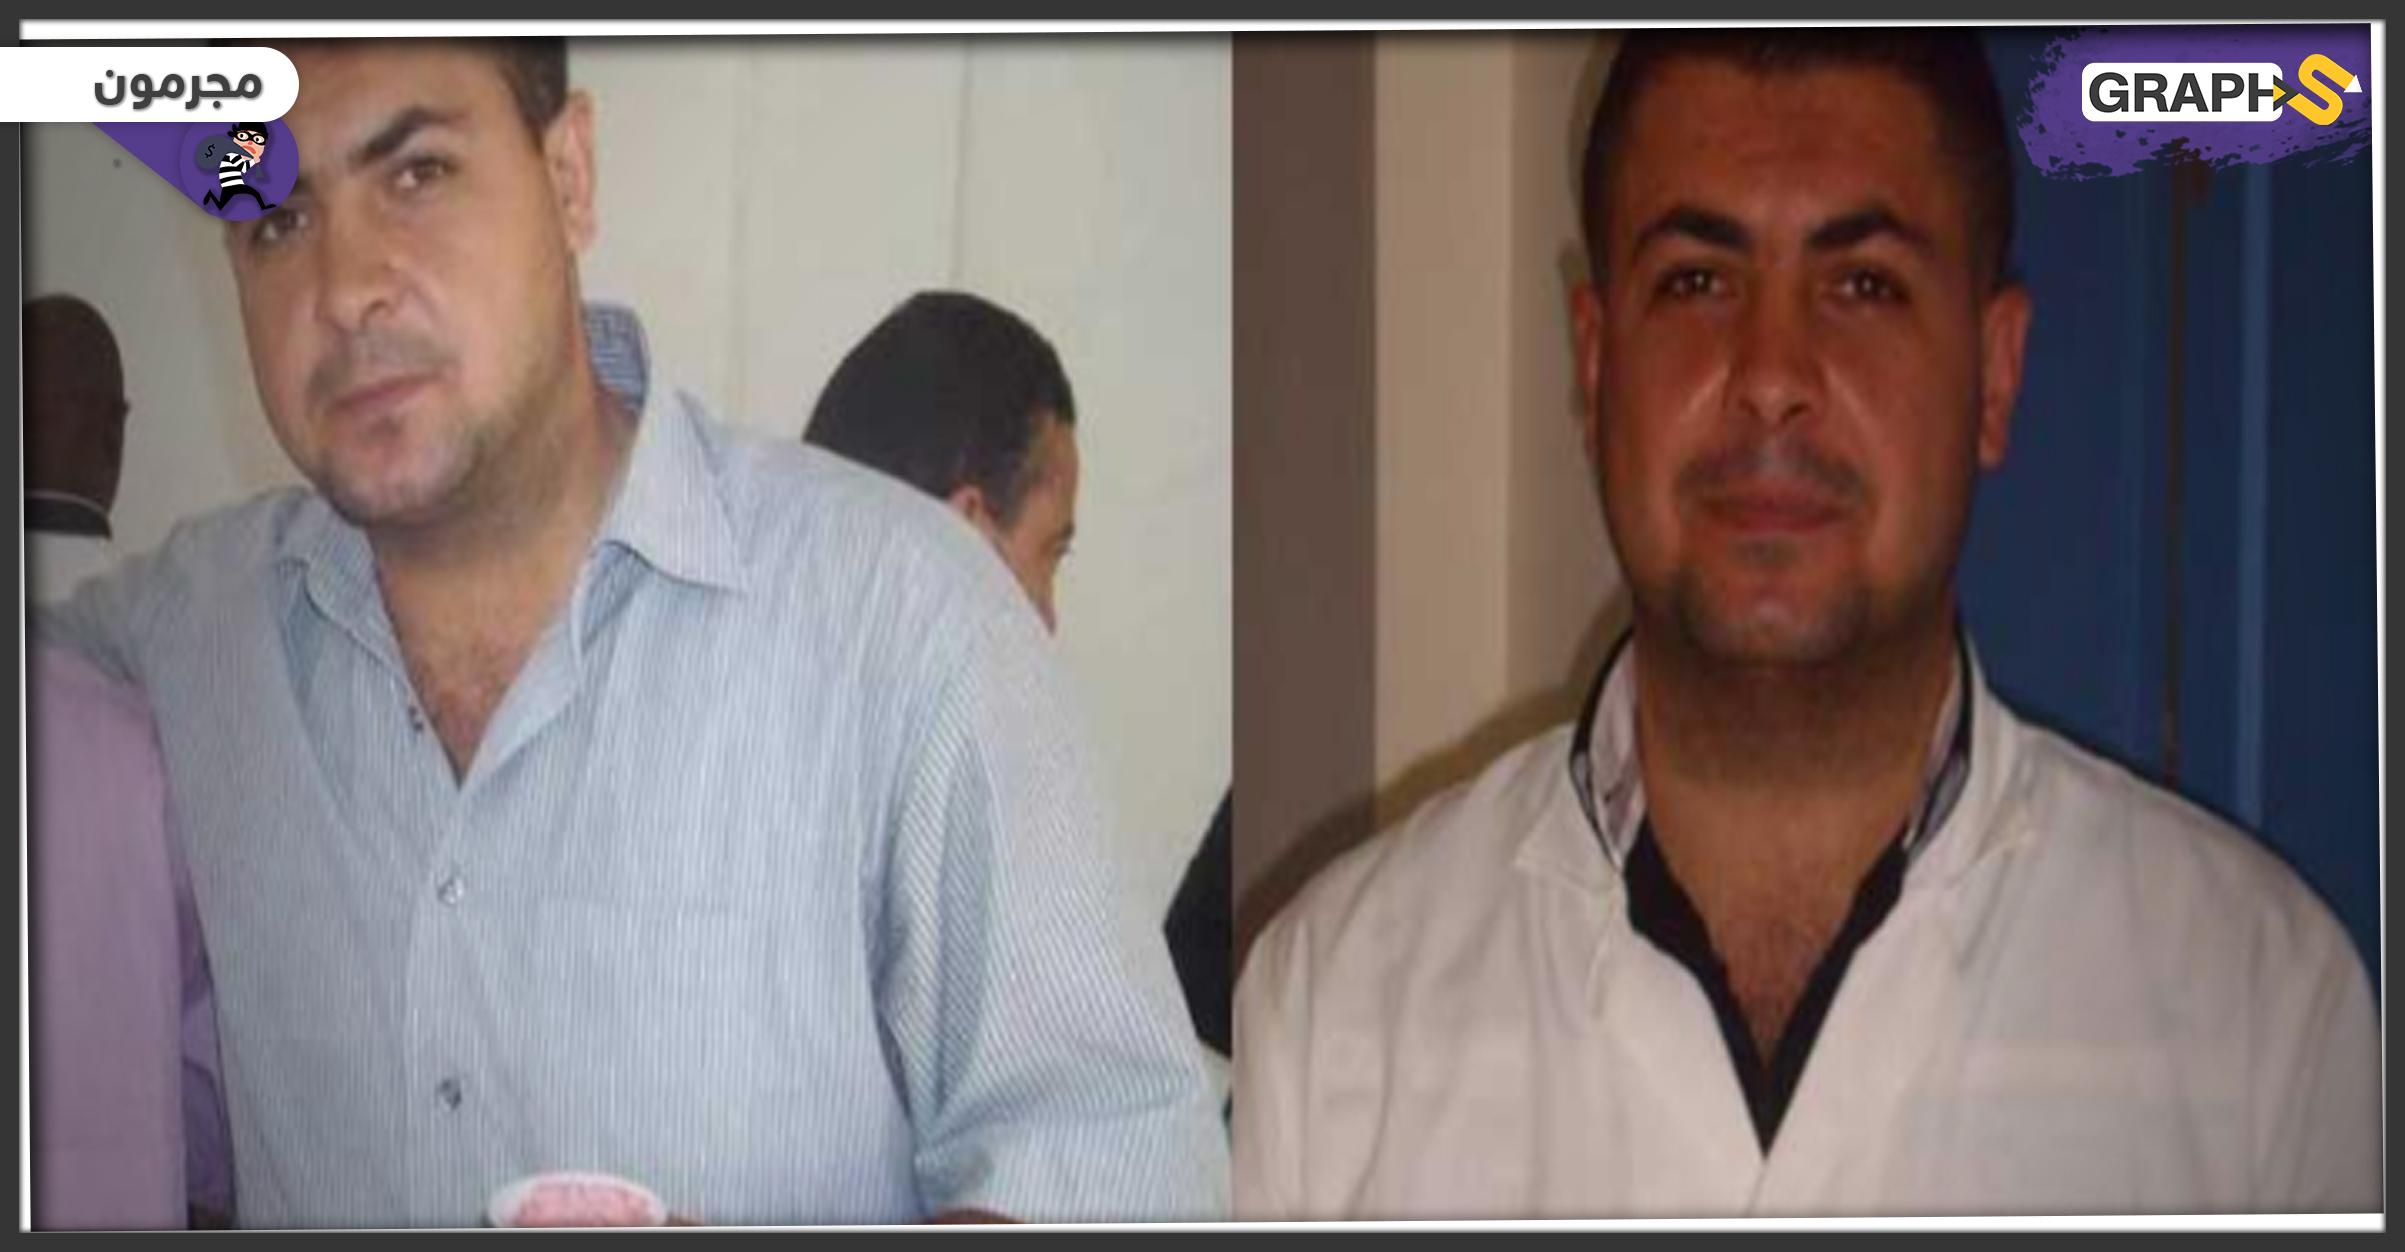 جريمة بشعة شاب تونسي يقتل والديه بمطرقة ويحاول الاعتداء على جدته صور وفيديو Step Video Graph